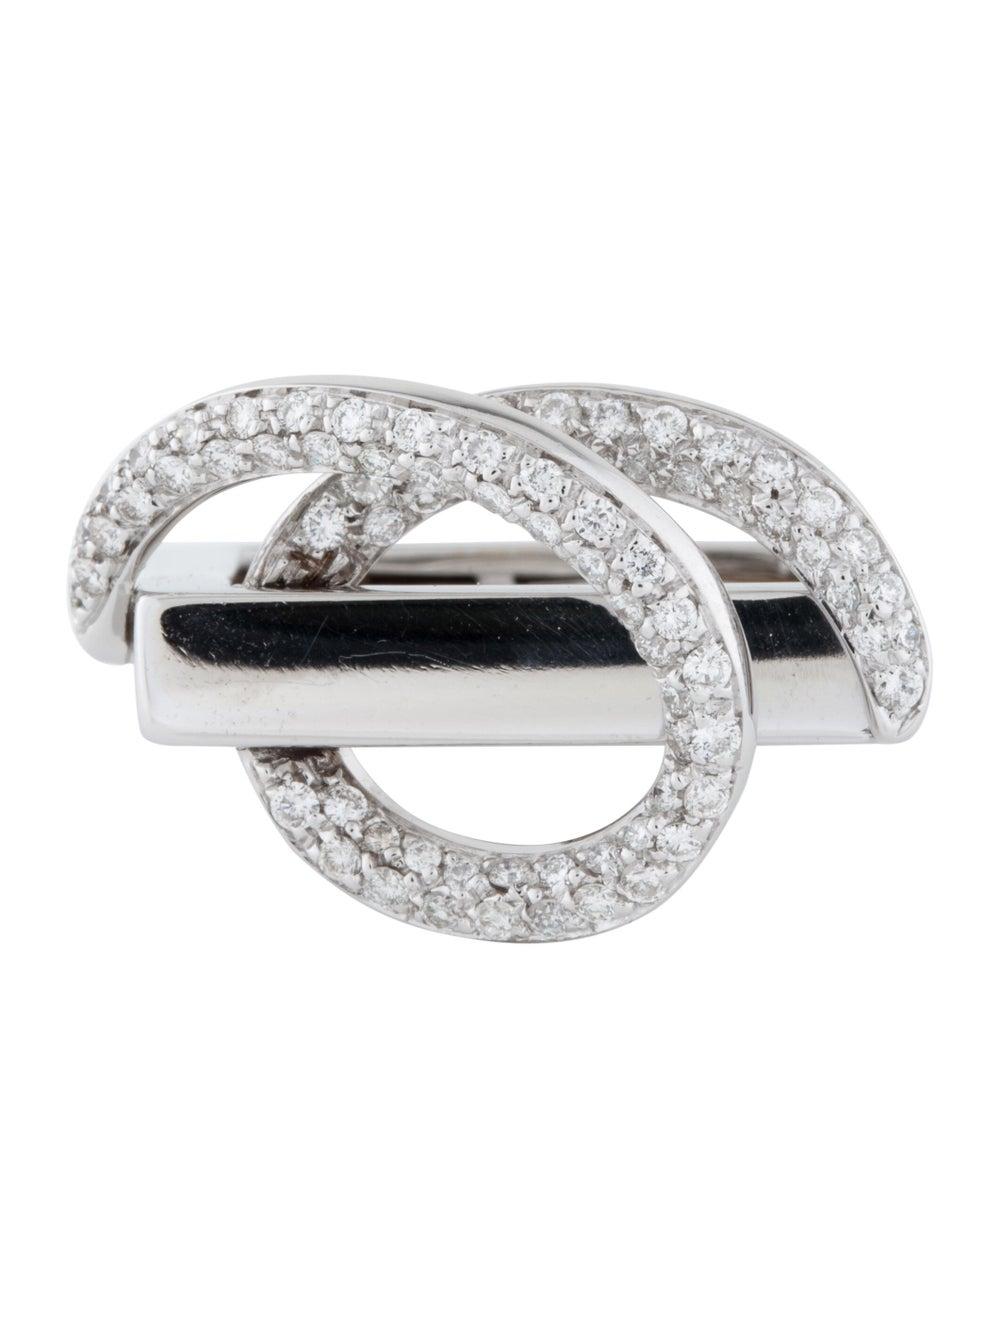 18K Diamond Cocktail Ring white - image 3